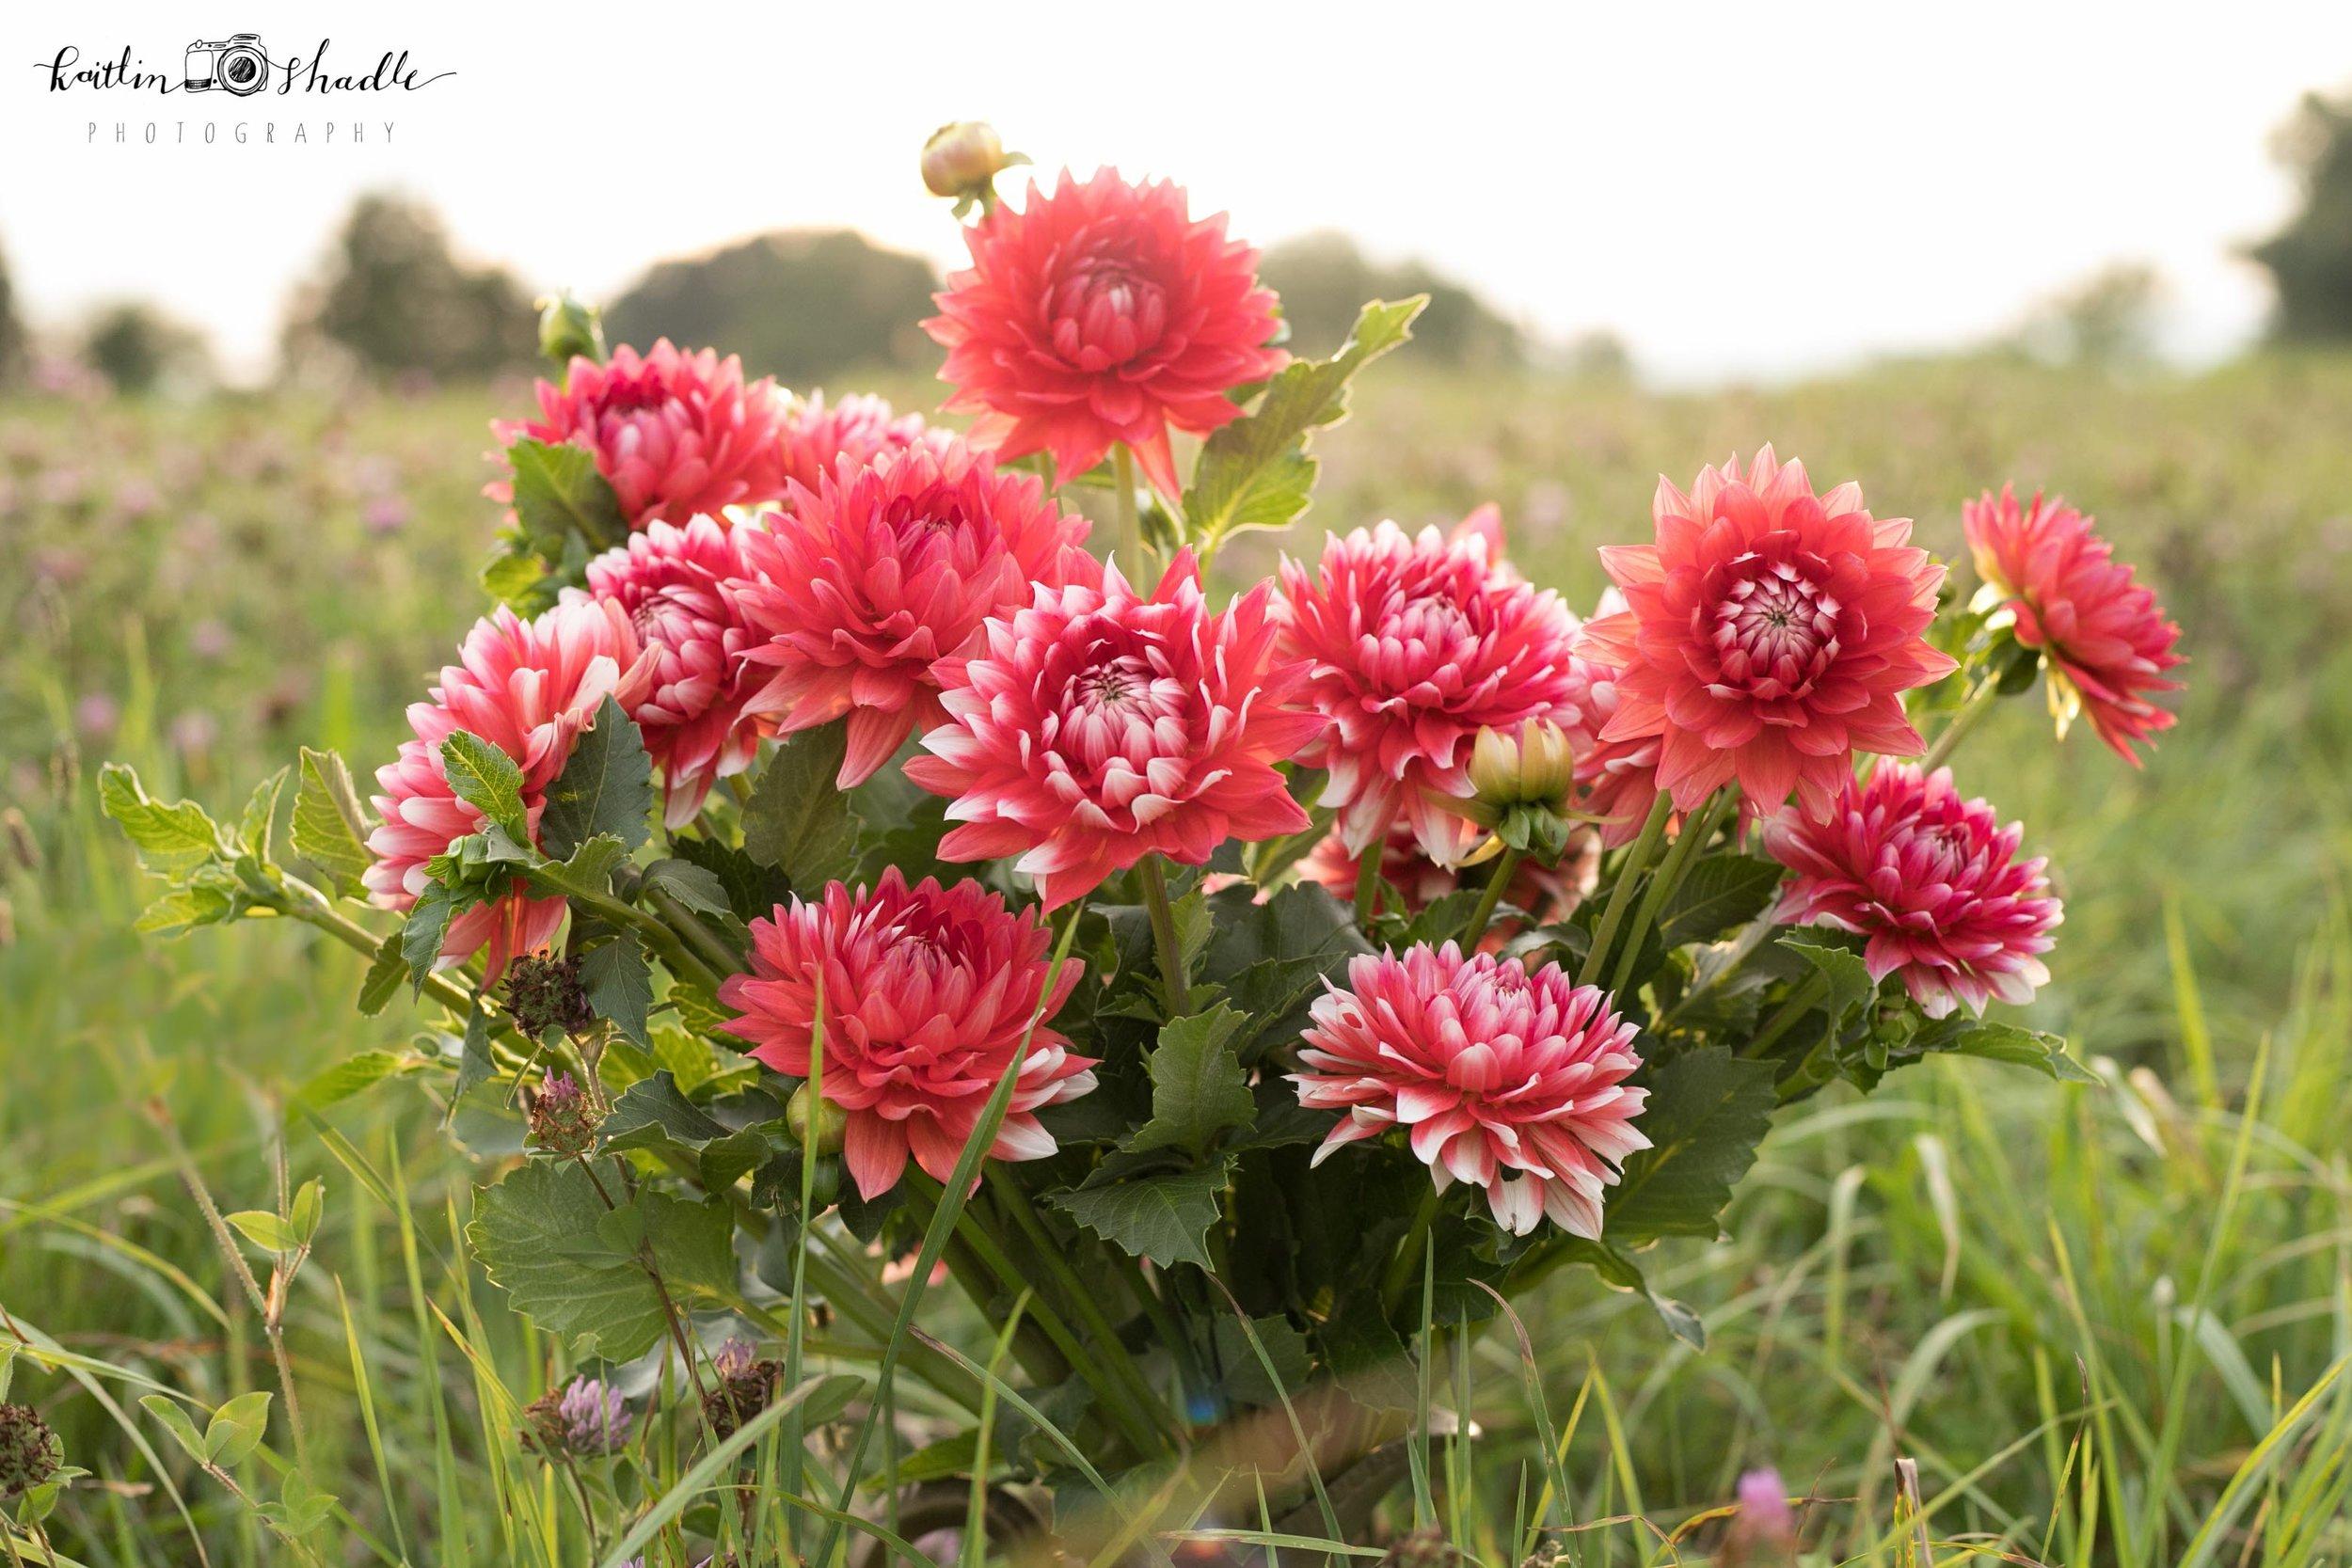 Cut Flowers in the Field